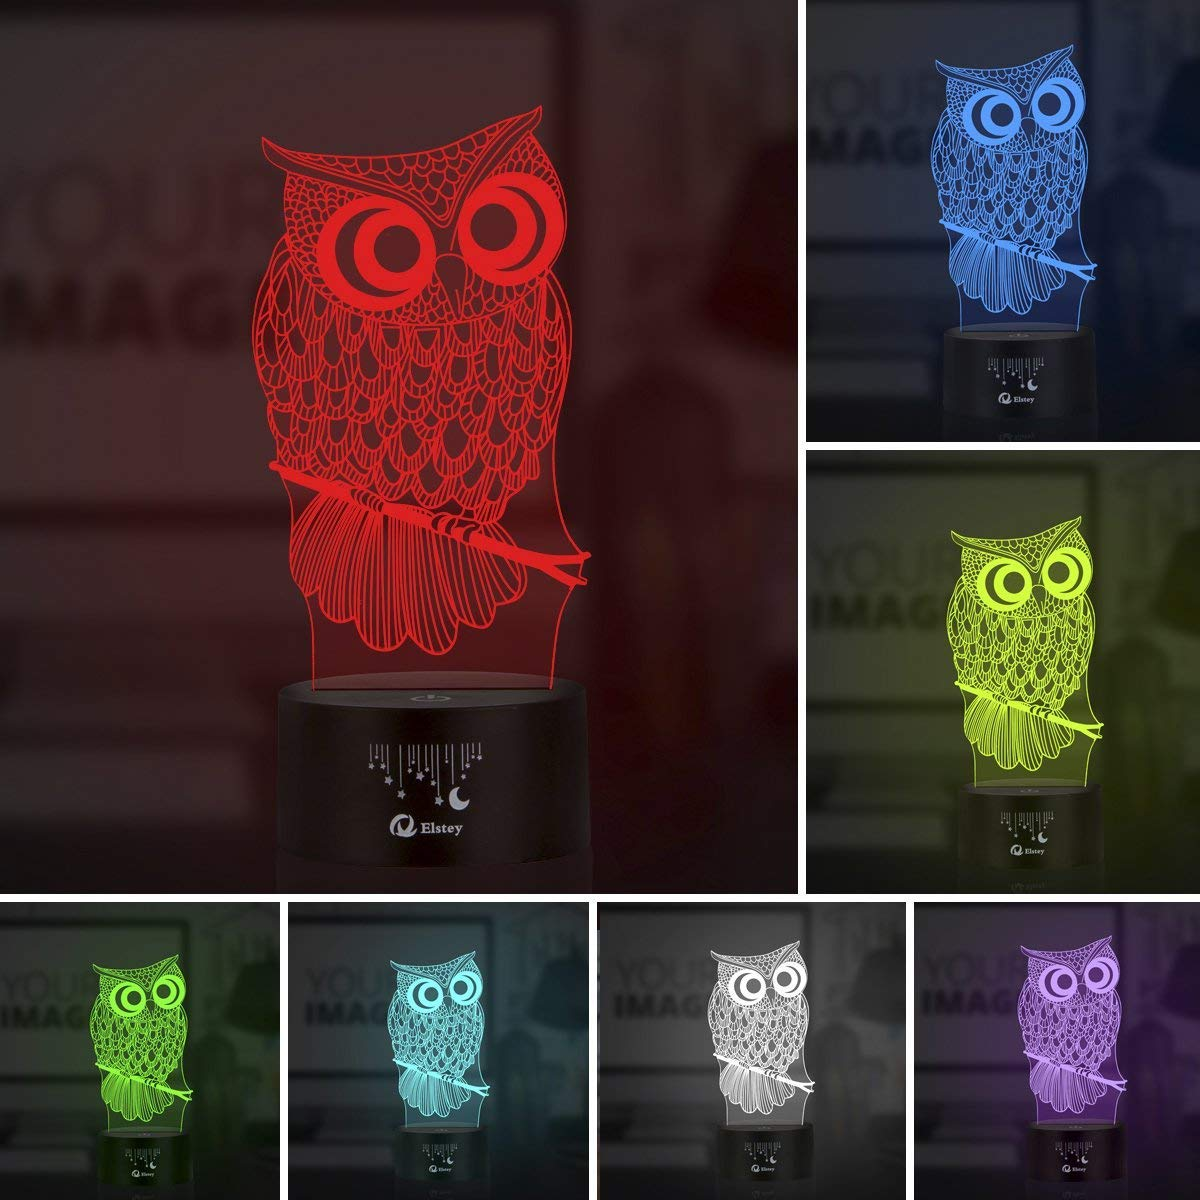 Yunplus 7 Couleurs D/écoration Pour Veilleuse avec Acrylique Flat /& ABS Base /& Chargeur LED USB Modifier toucher vous Botton Lampe de Bureau Lampe de Table Hibou 3D Lampe optique Illusion